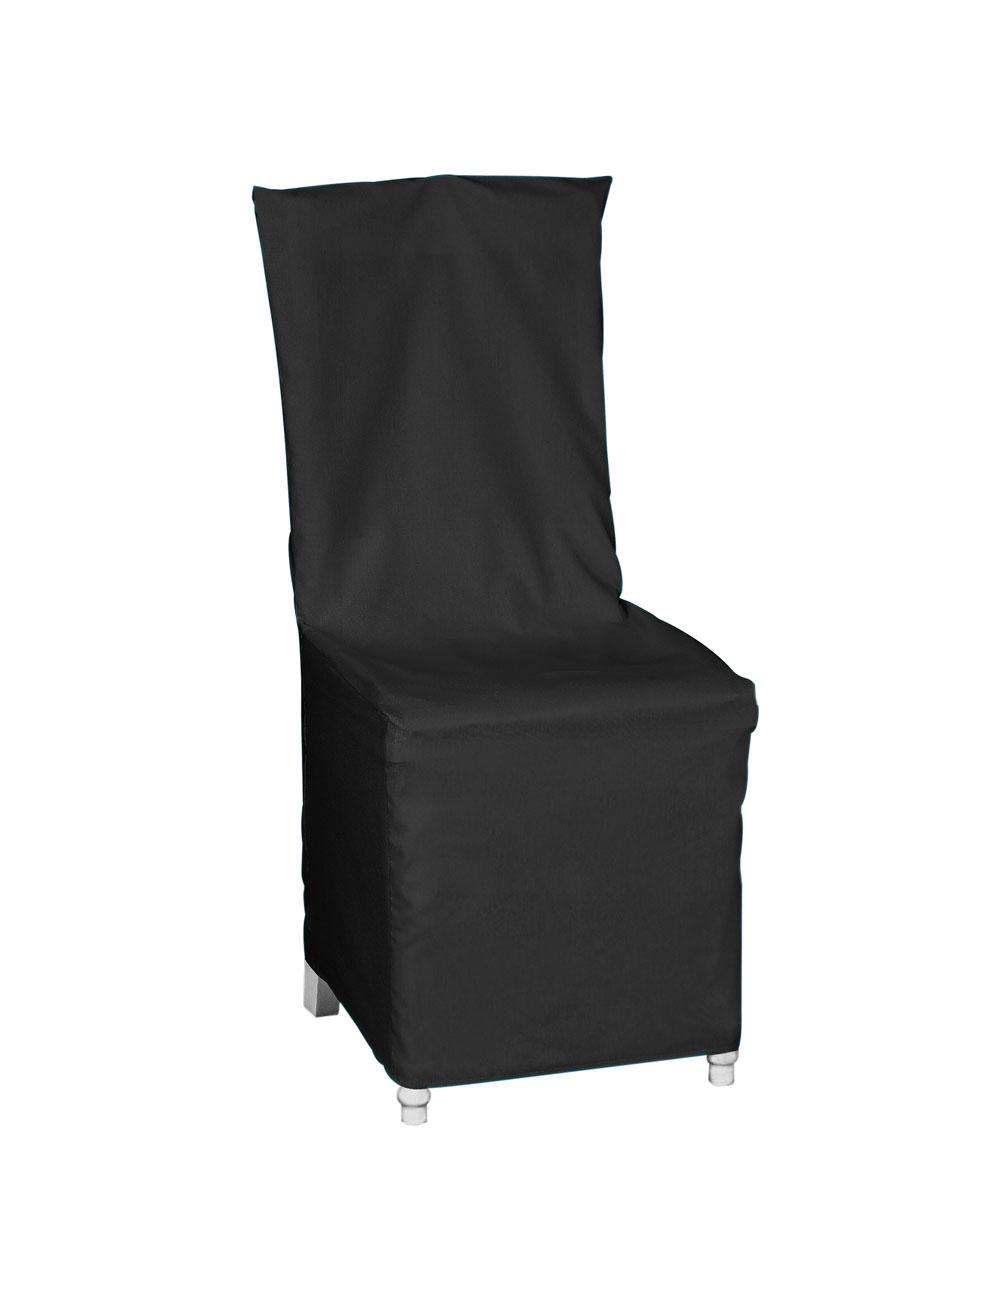 Housse de chaise avec noeud d co noir - Housse chaise habitat ...